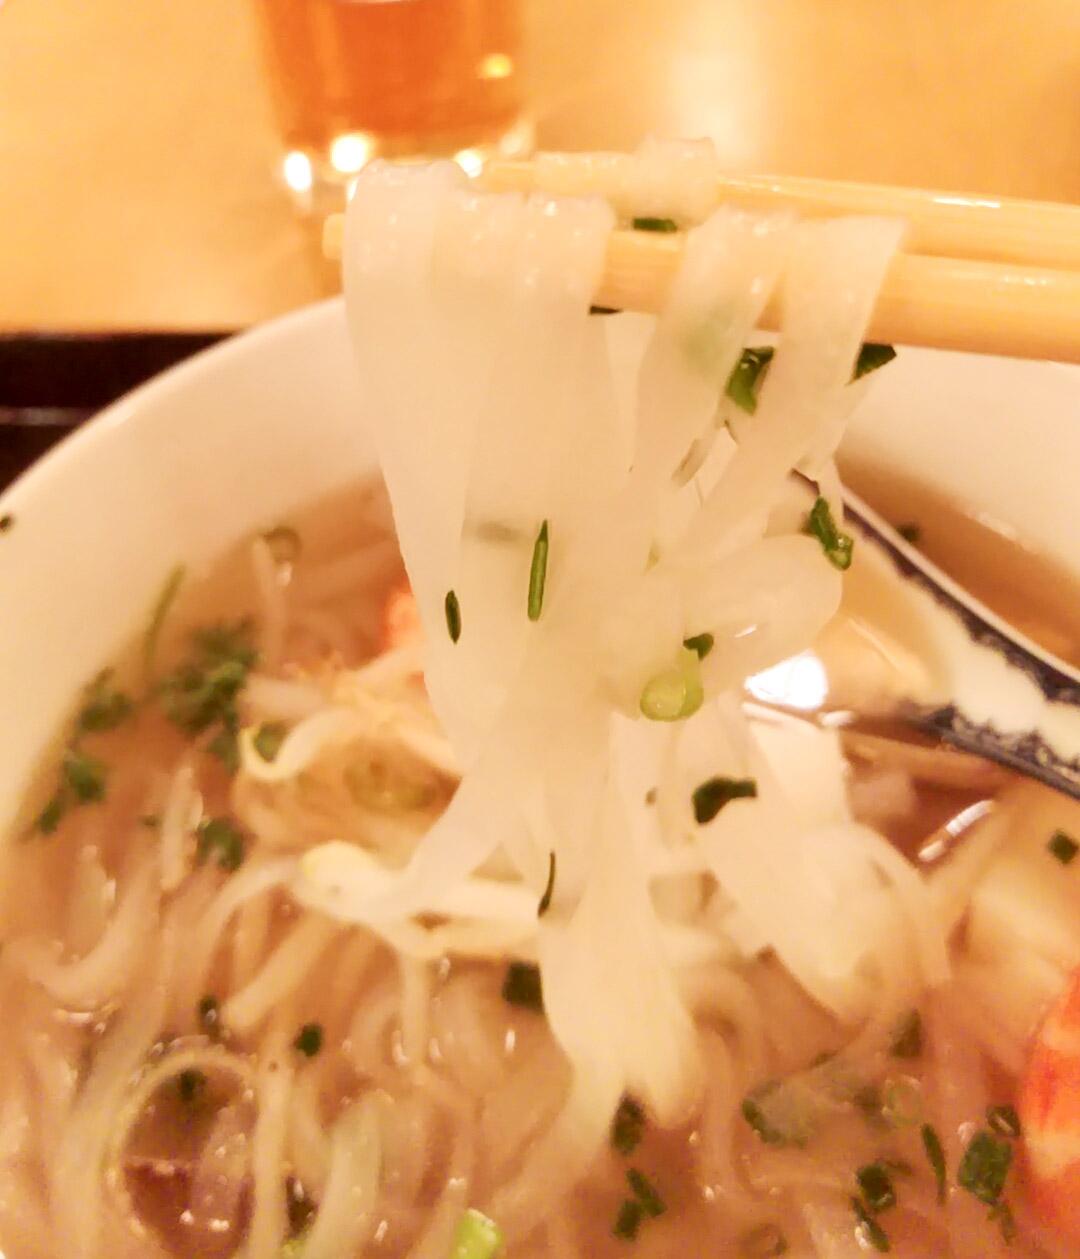 この麺が本当に美しい!同じライスヌードルでもブンボーフエの麺とはきちんと別で、こちらはフォー。